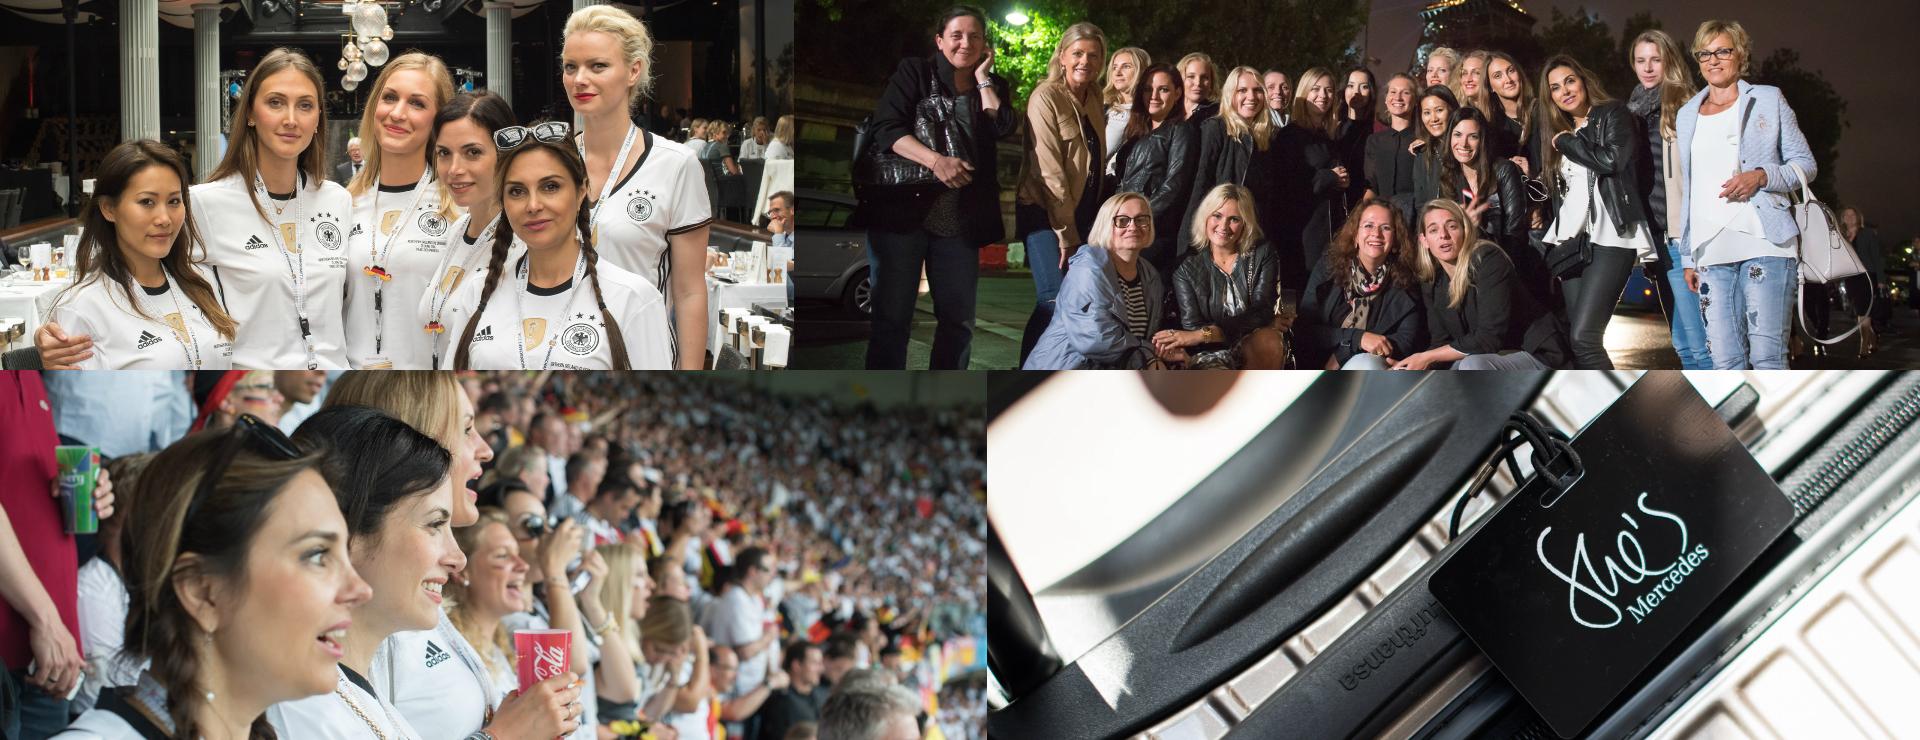 Mit Mercedes-Benz und W-com zur UEFA EURO 2016™ in Frankreich